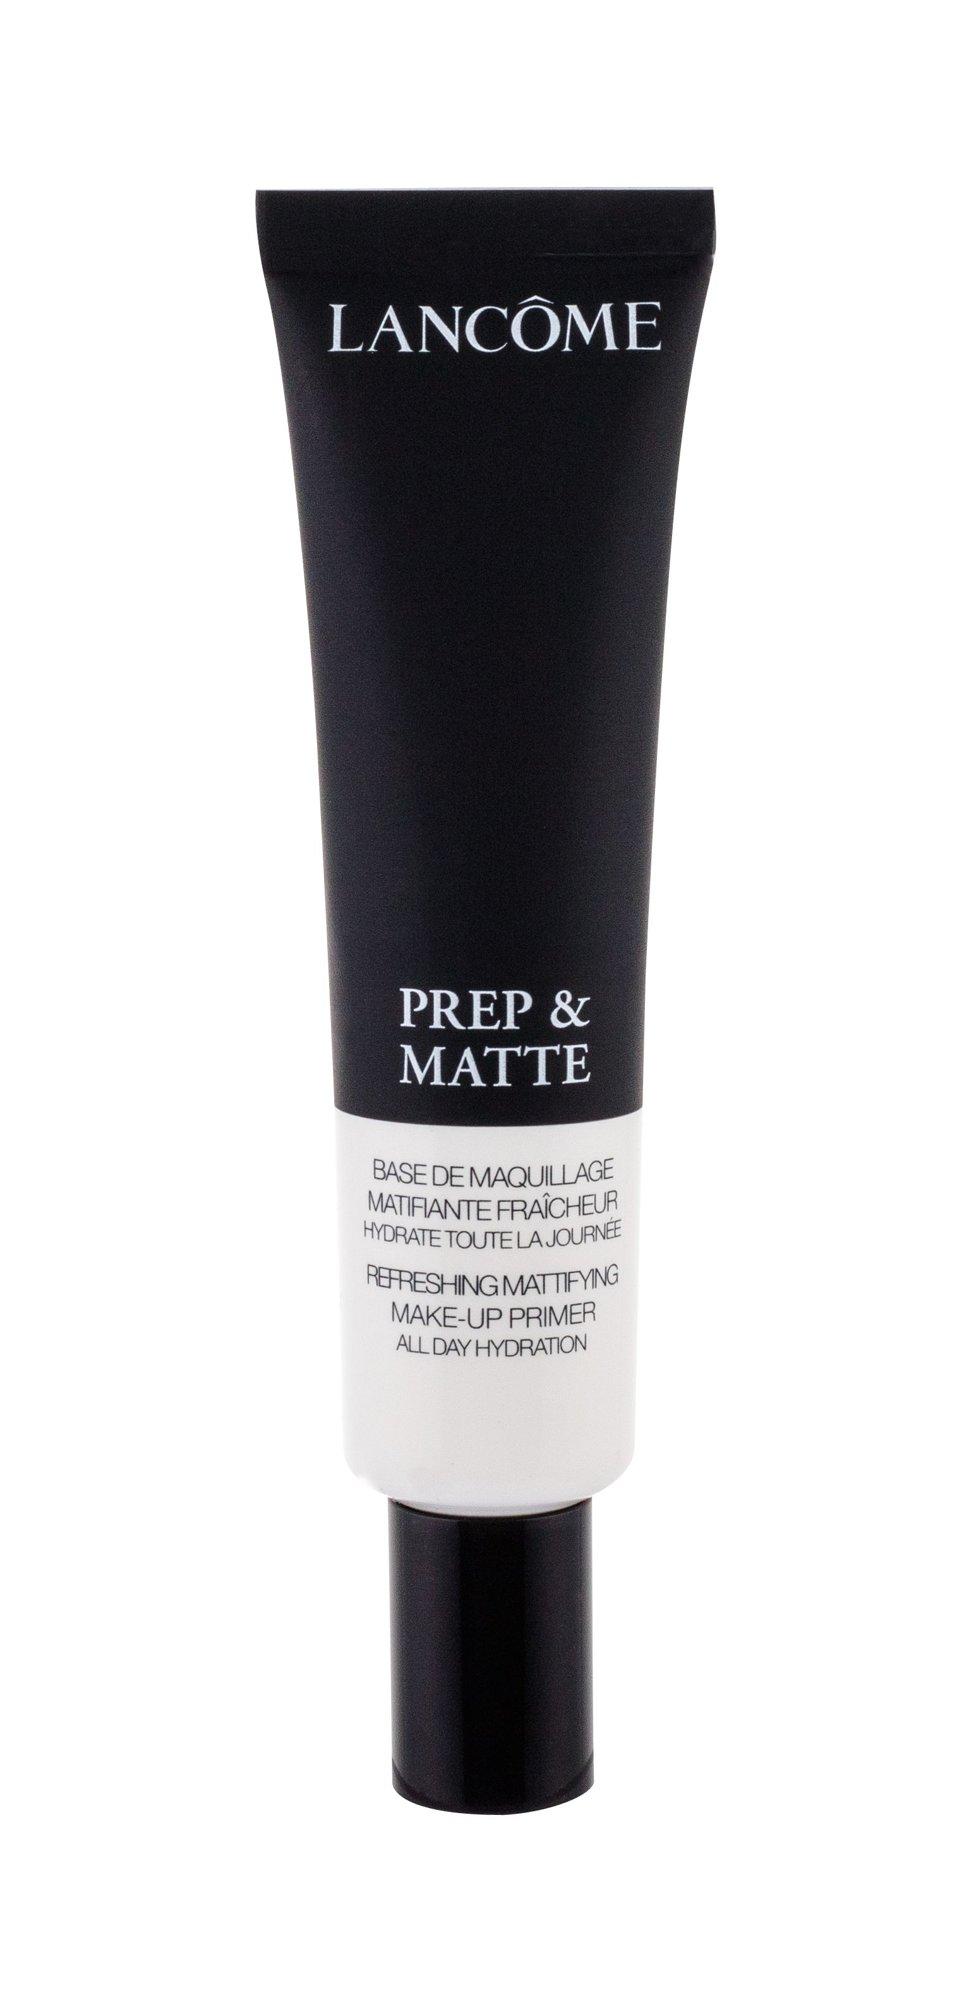 Lancôme Prep & Matte Makeup Primer 25ml  Make-Up Primer